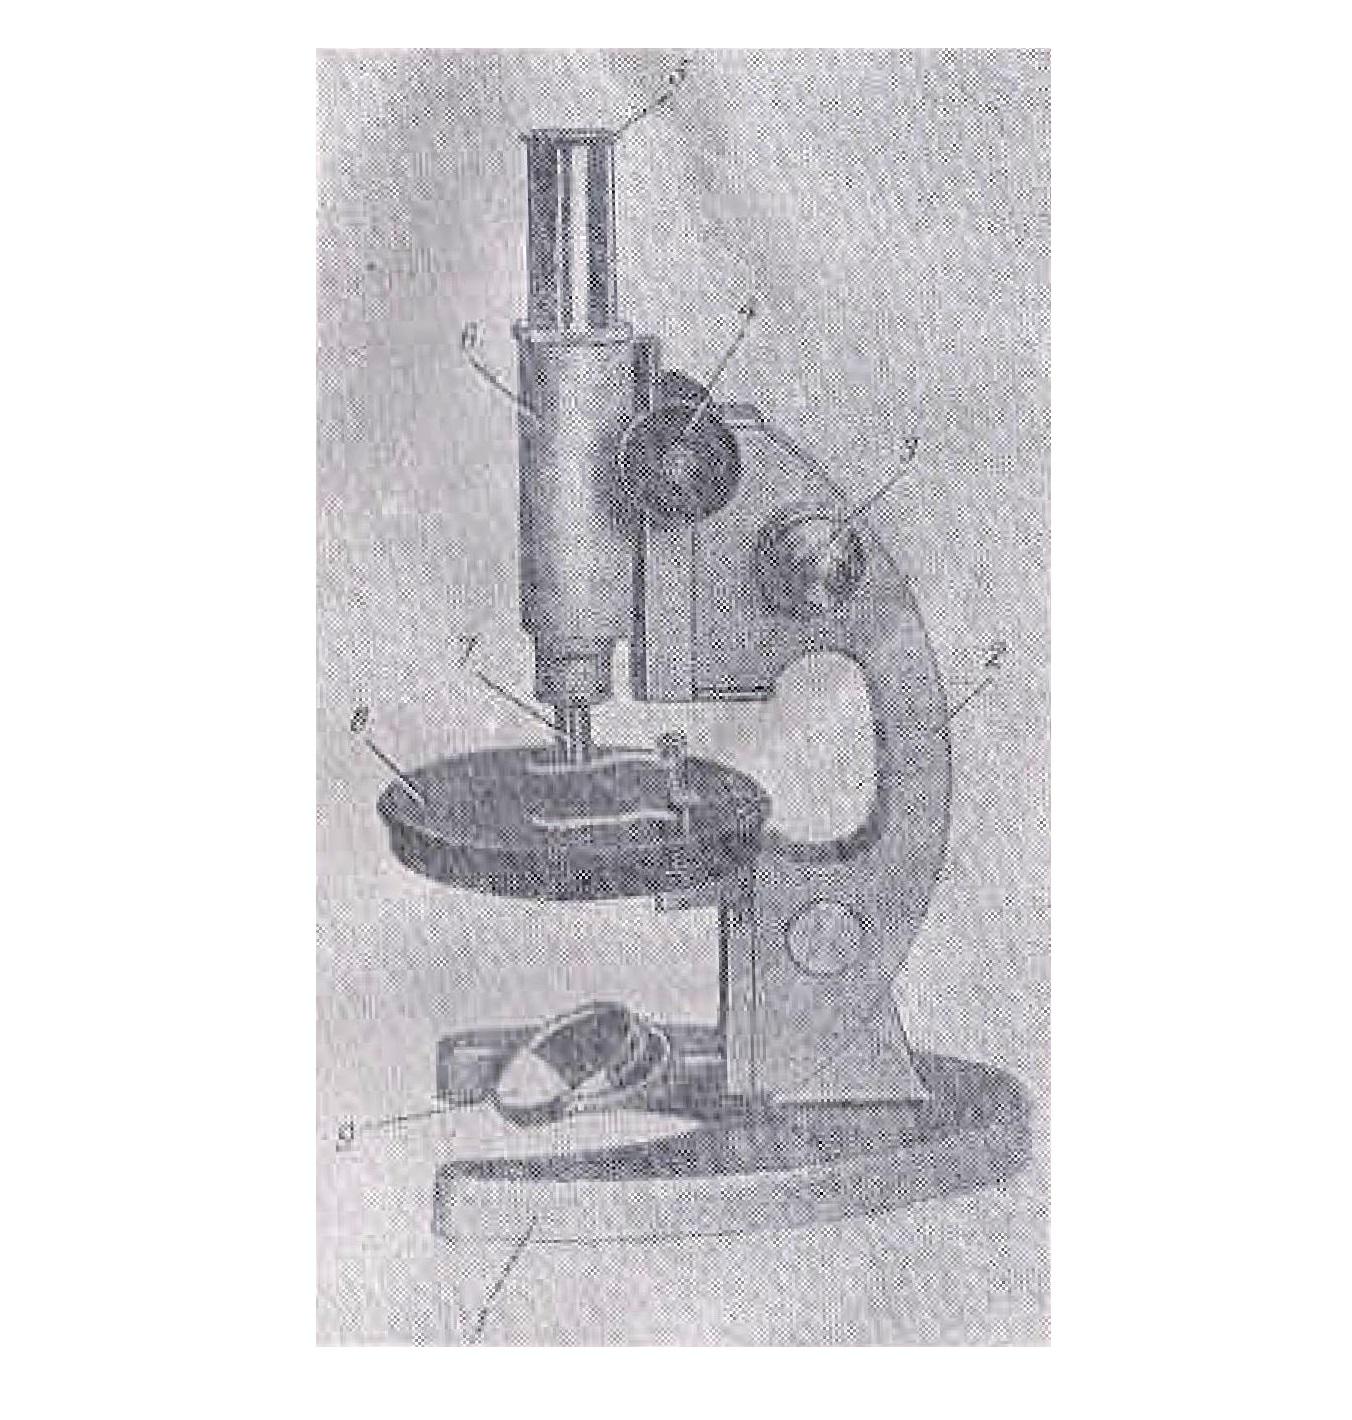 Микроскоп биологический упрощенный МБУ-4 рис. 2